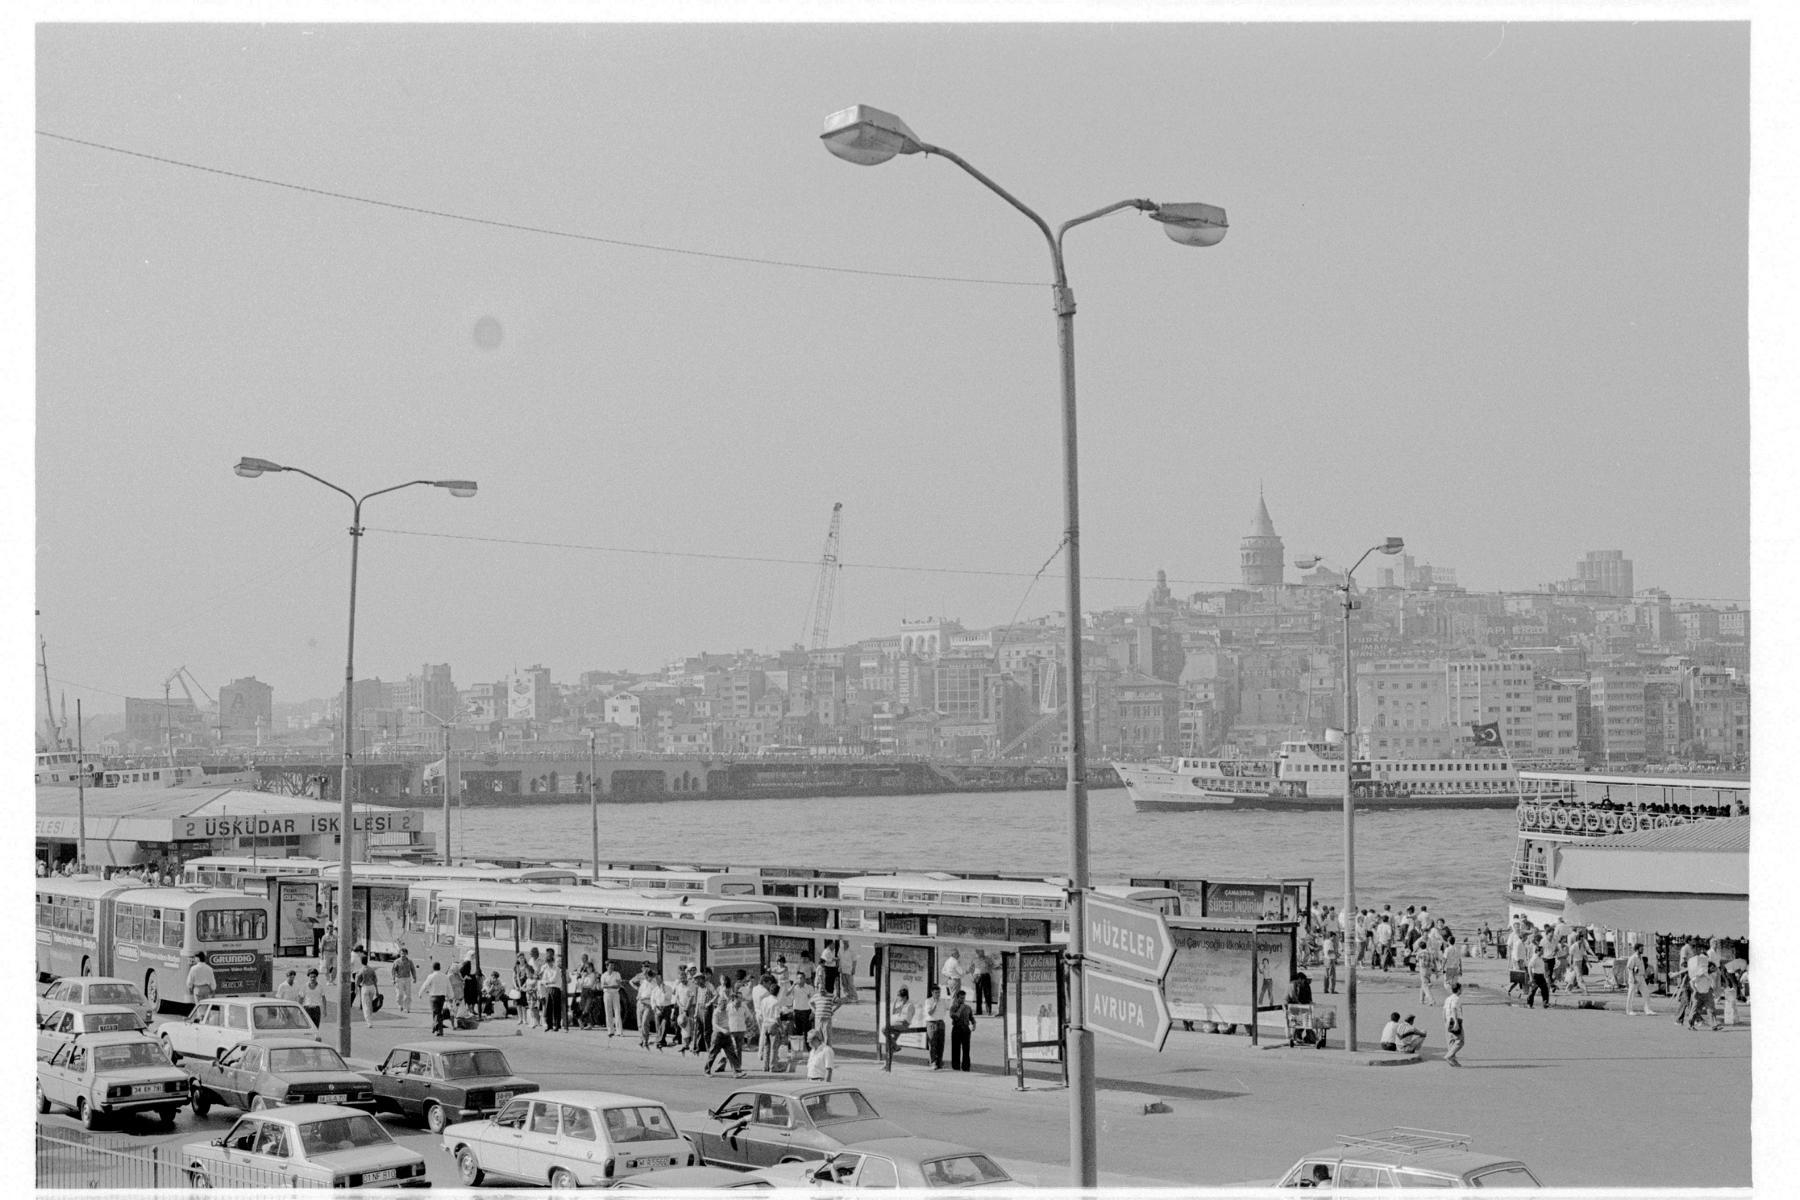 Nur im Zentrum war Istanbul eine erkennbare Metropole.